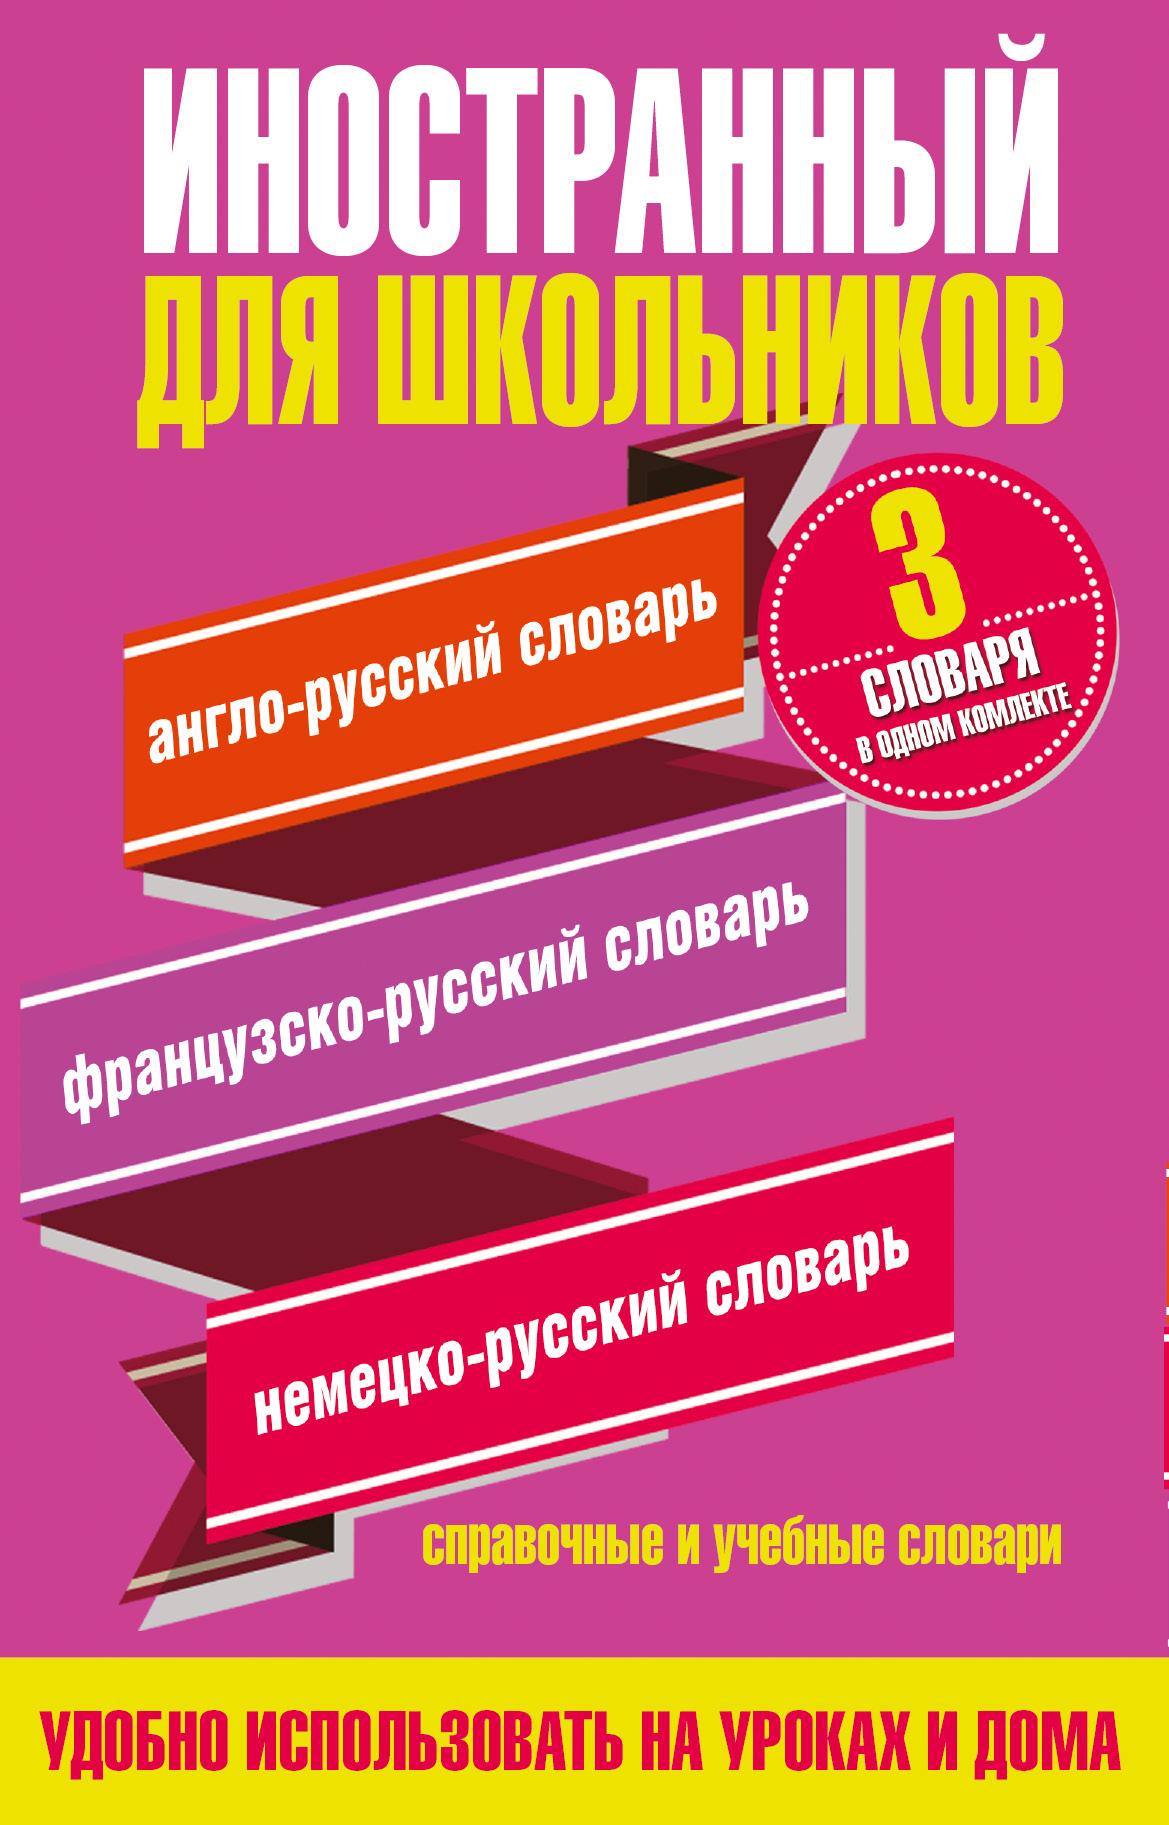 Иностранный для школьников. 3 словаря в одном комплекте